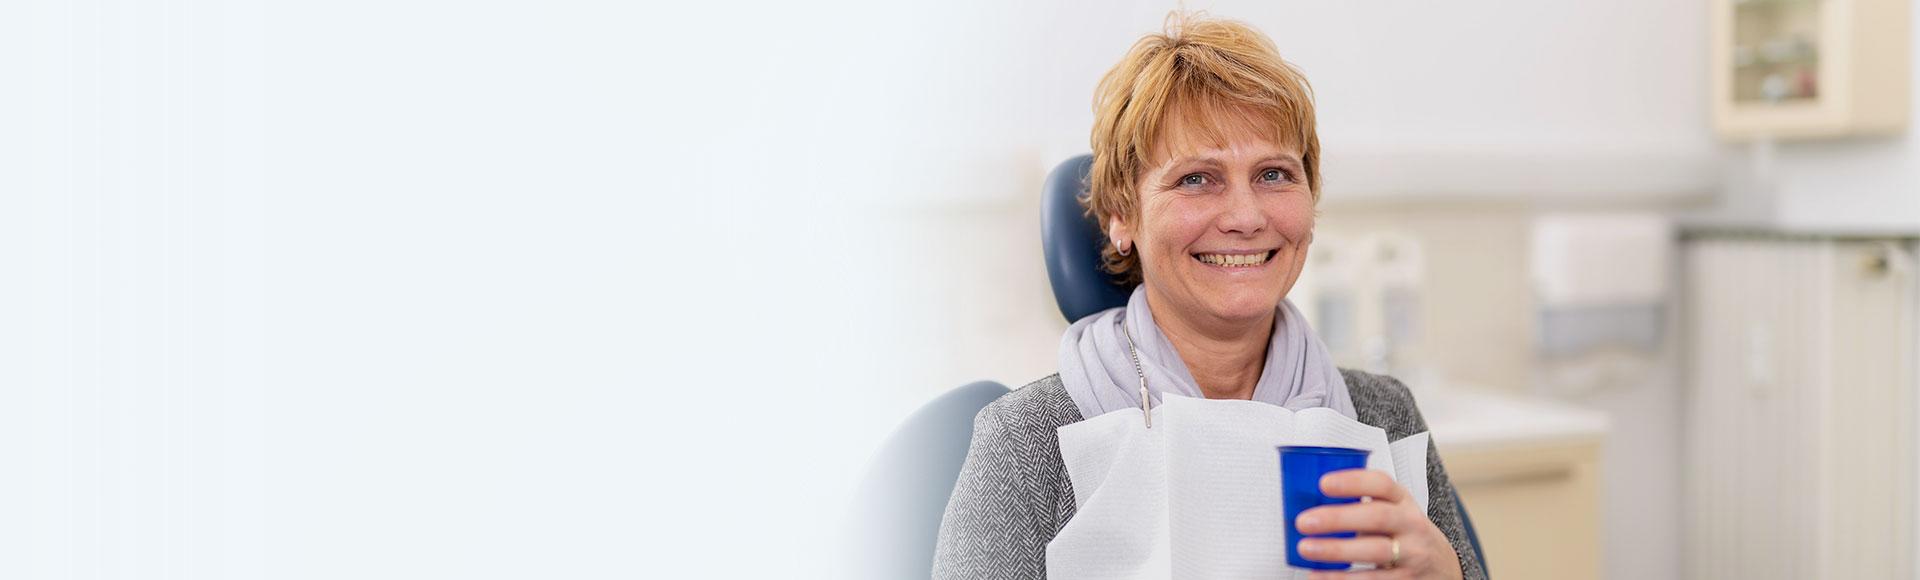 Schmerzfreie Wurzelbehandlung Schwachhausen Bremen Zahnwurzel Behandlung